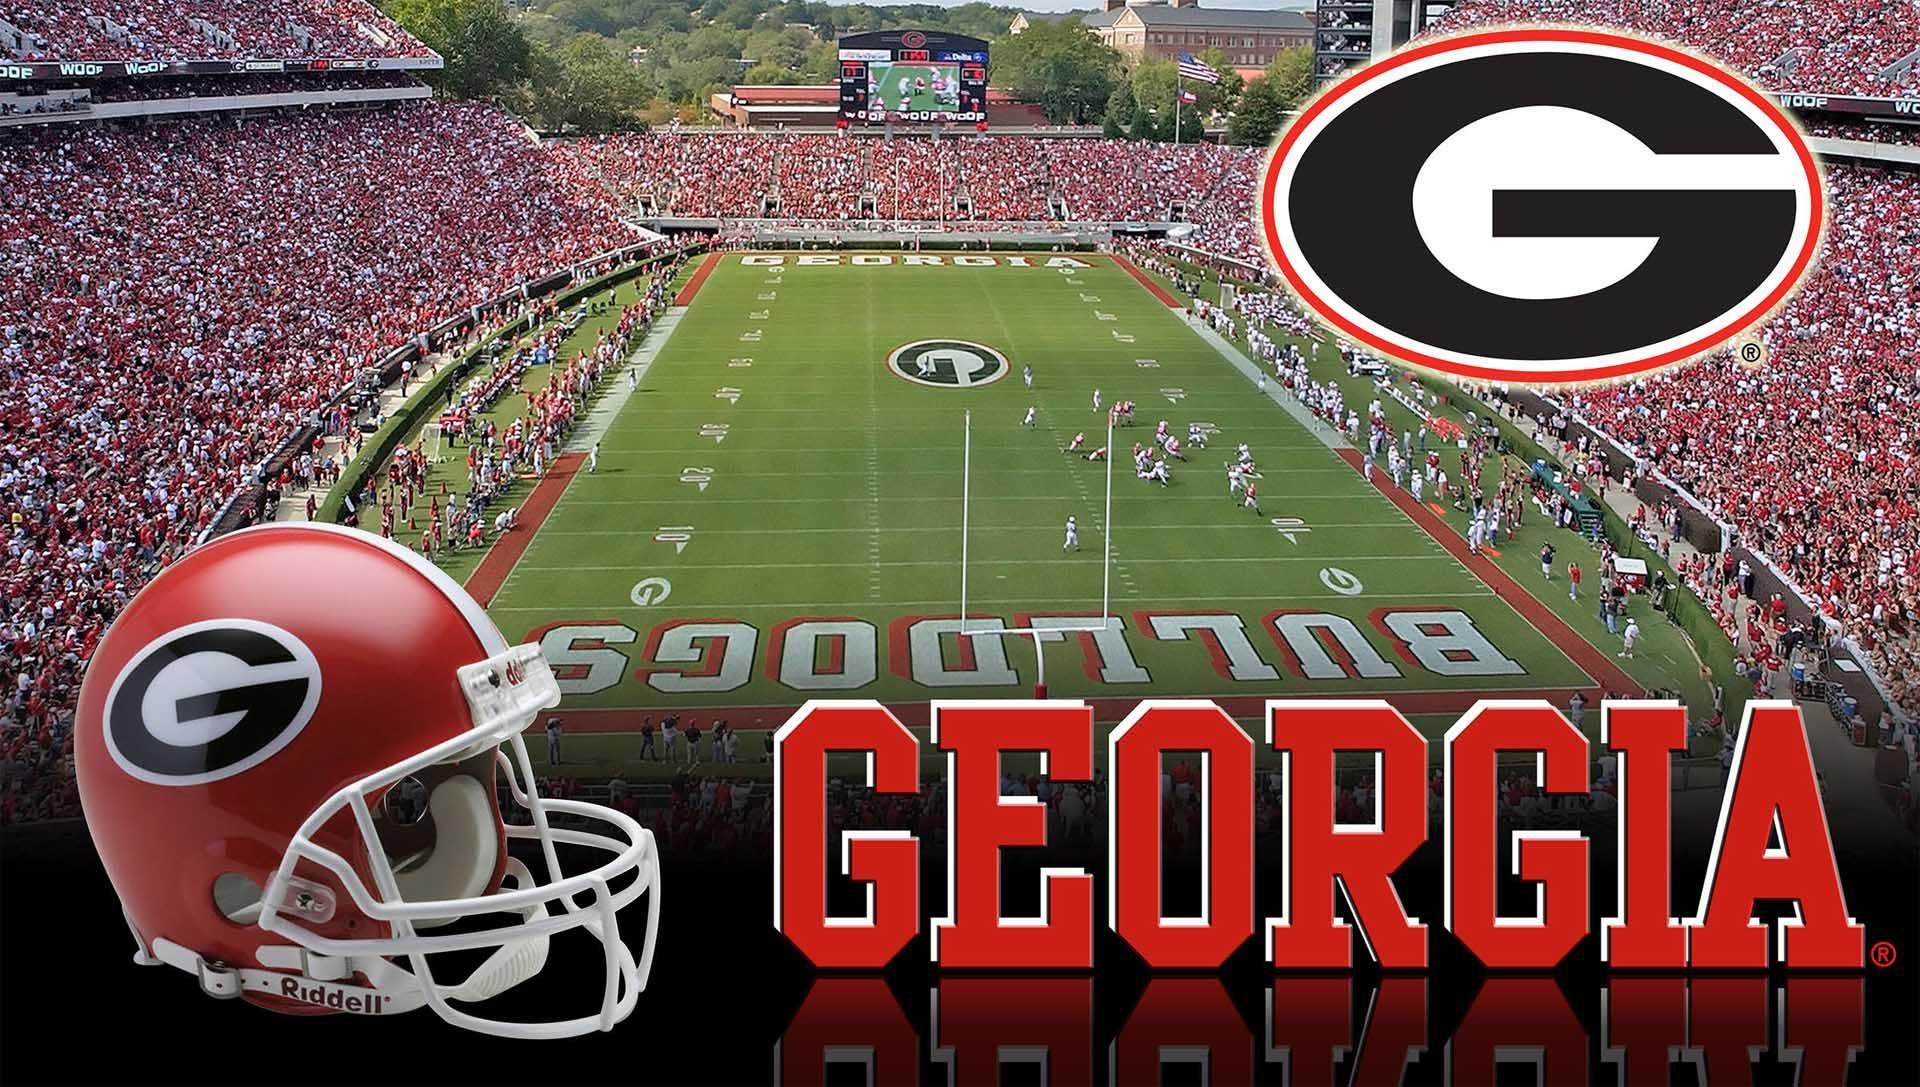 B Georgia B B Bulldogs B Hd Wallpapers Georgia Bulldogs Football Georgia Bulldogs Georgia Football